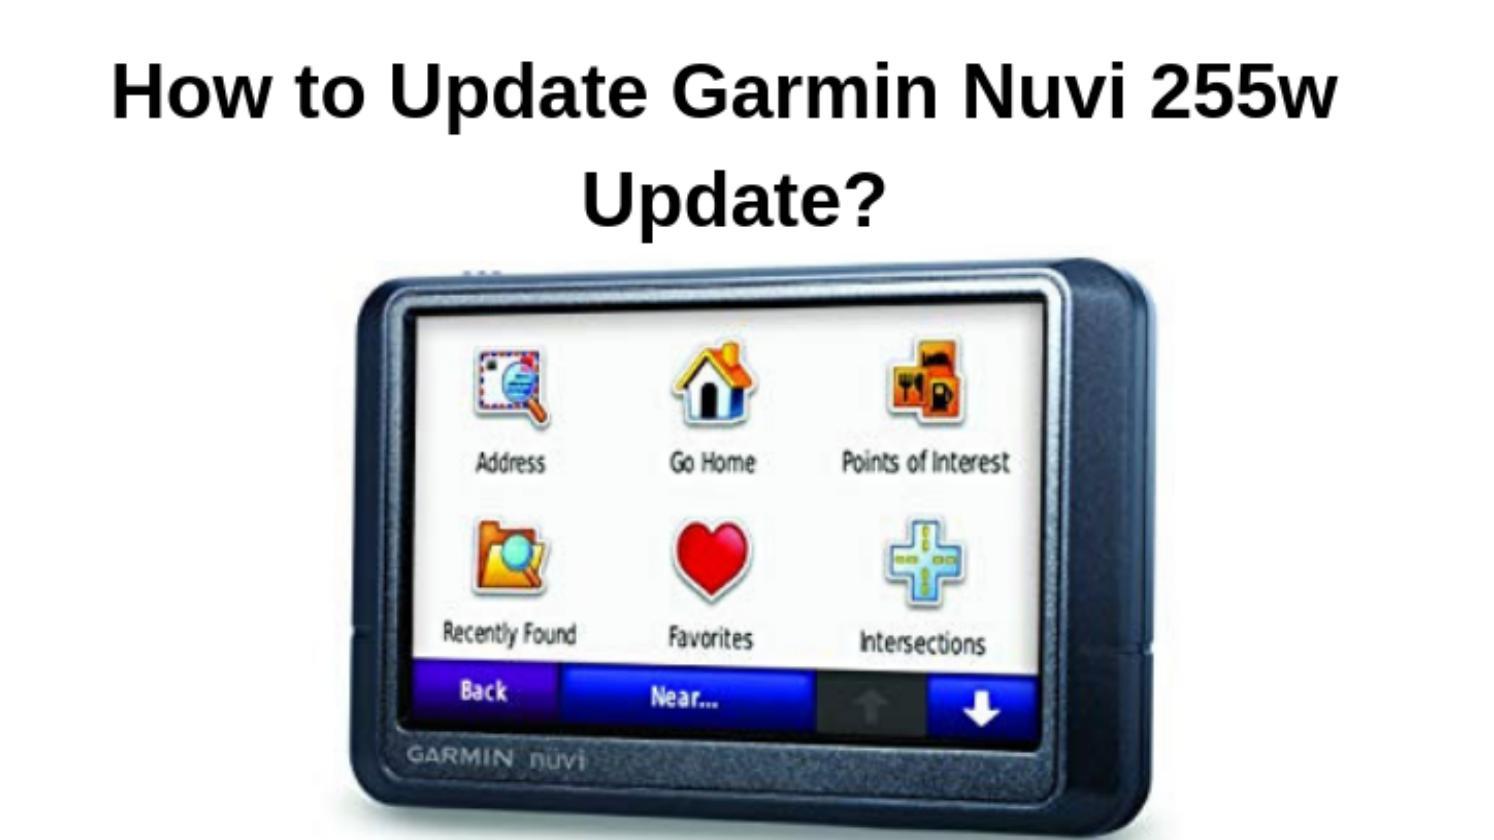 Updating garmin nuvi 255w katy mixon dating